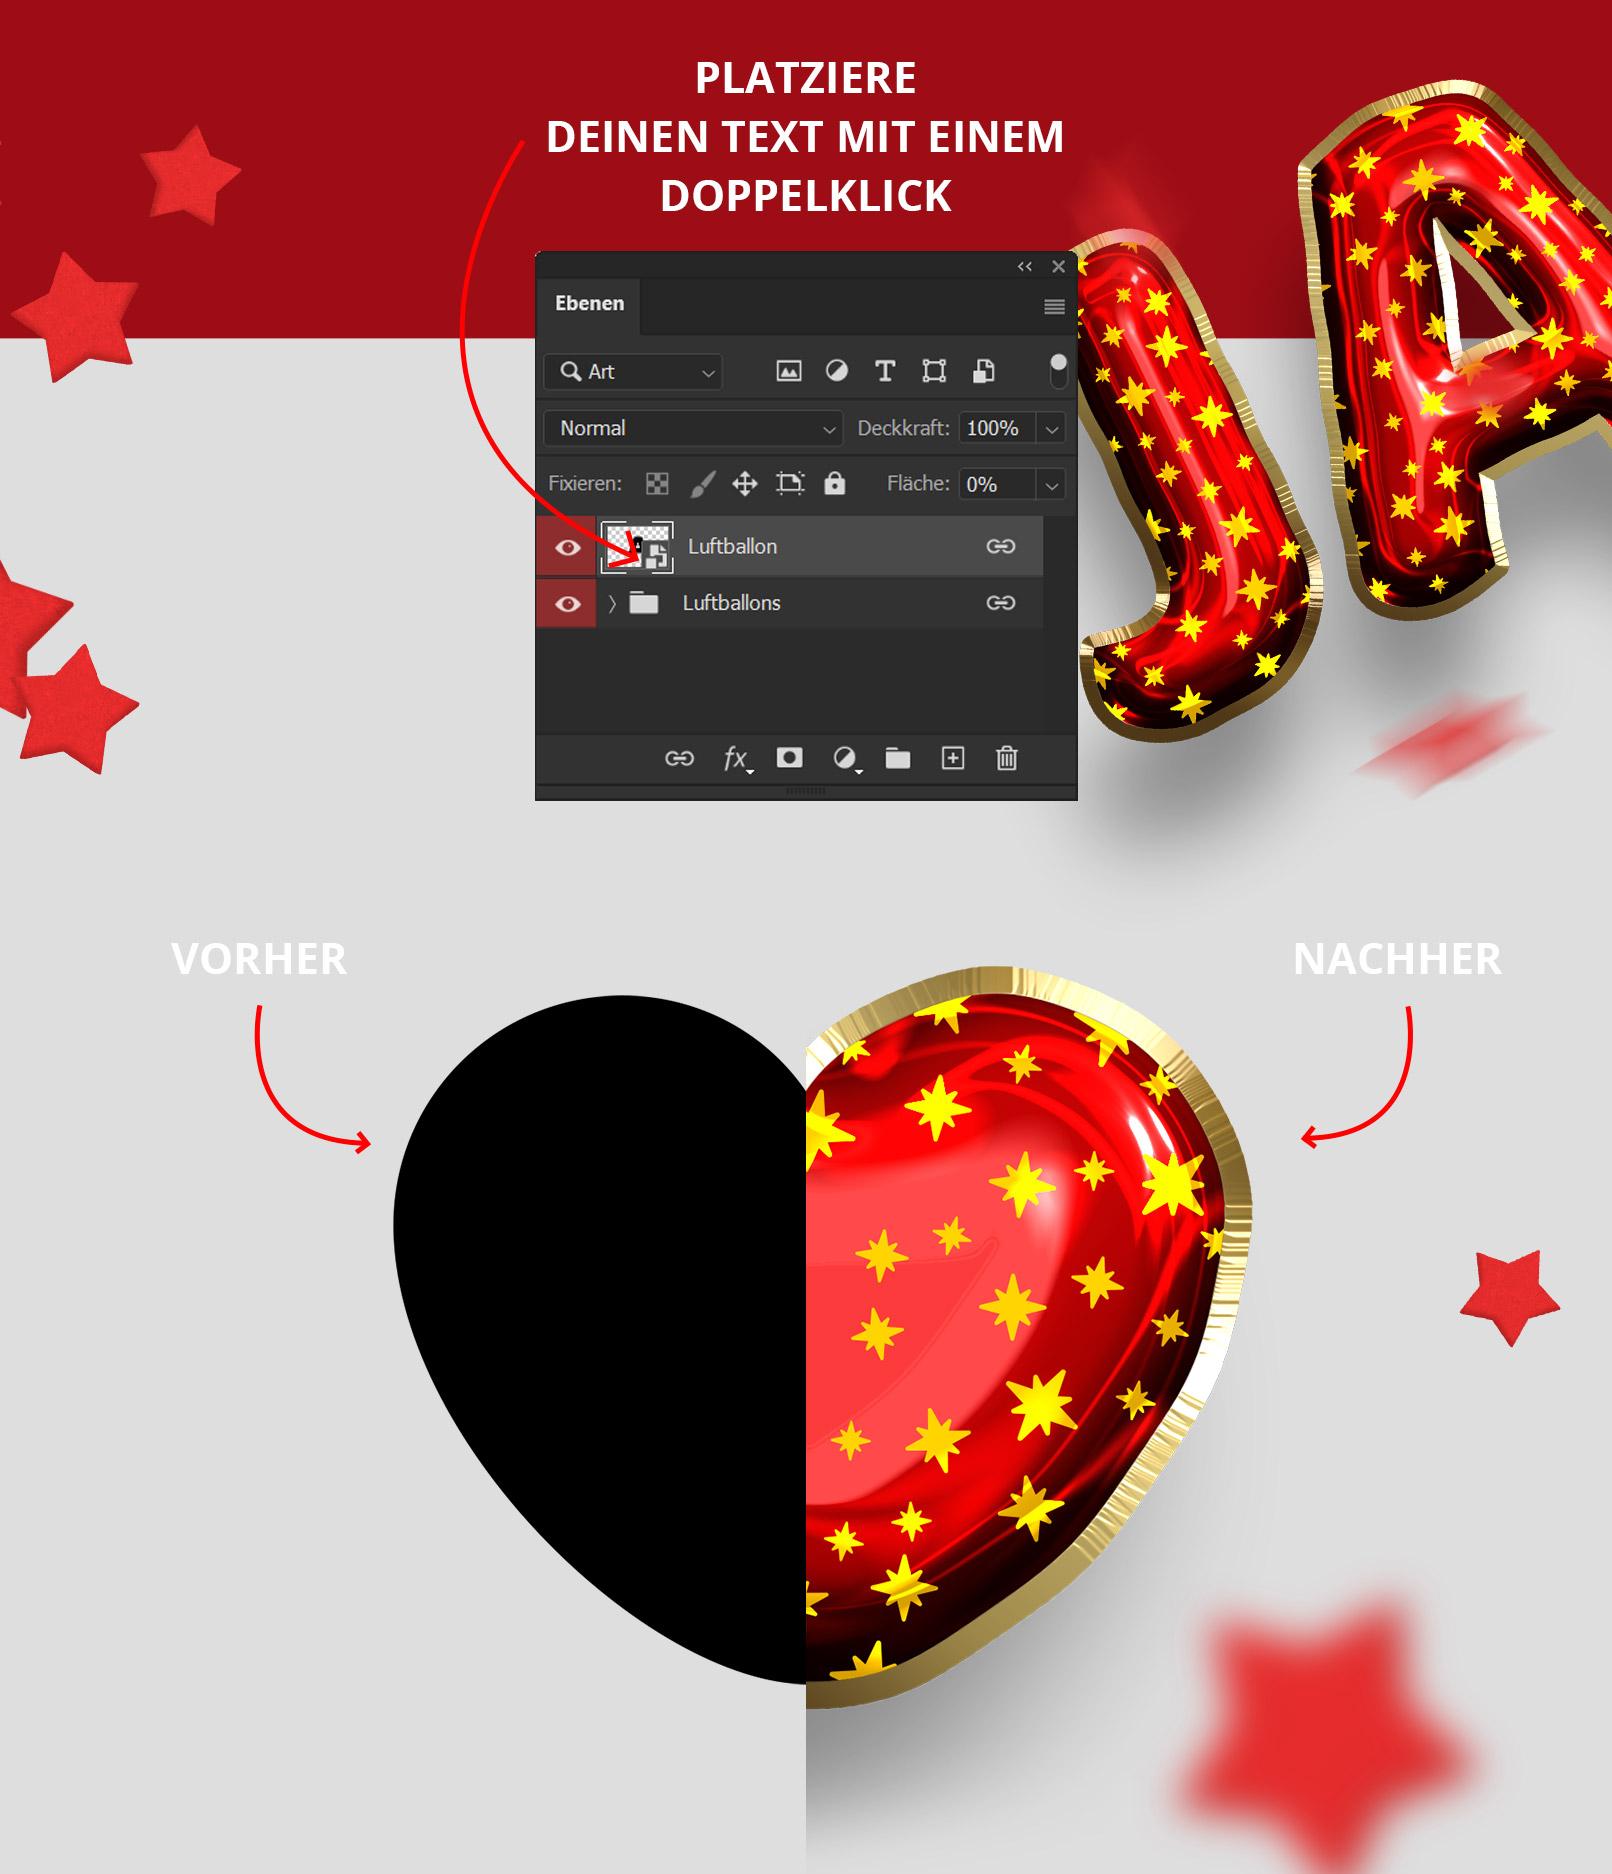 Anwendung der Photoshop-Smartobjekte für Luftballon-Looks